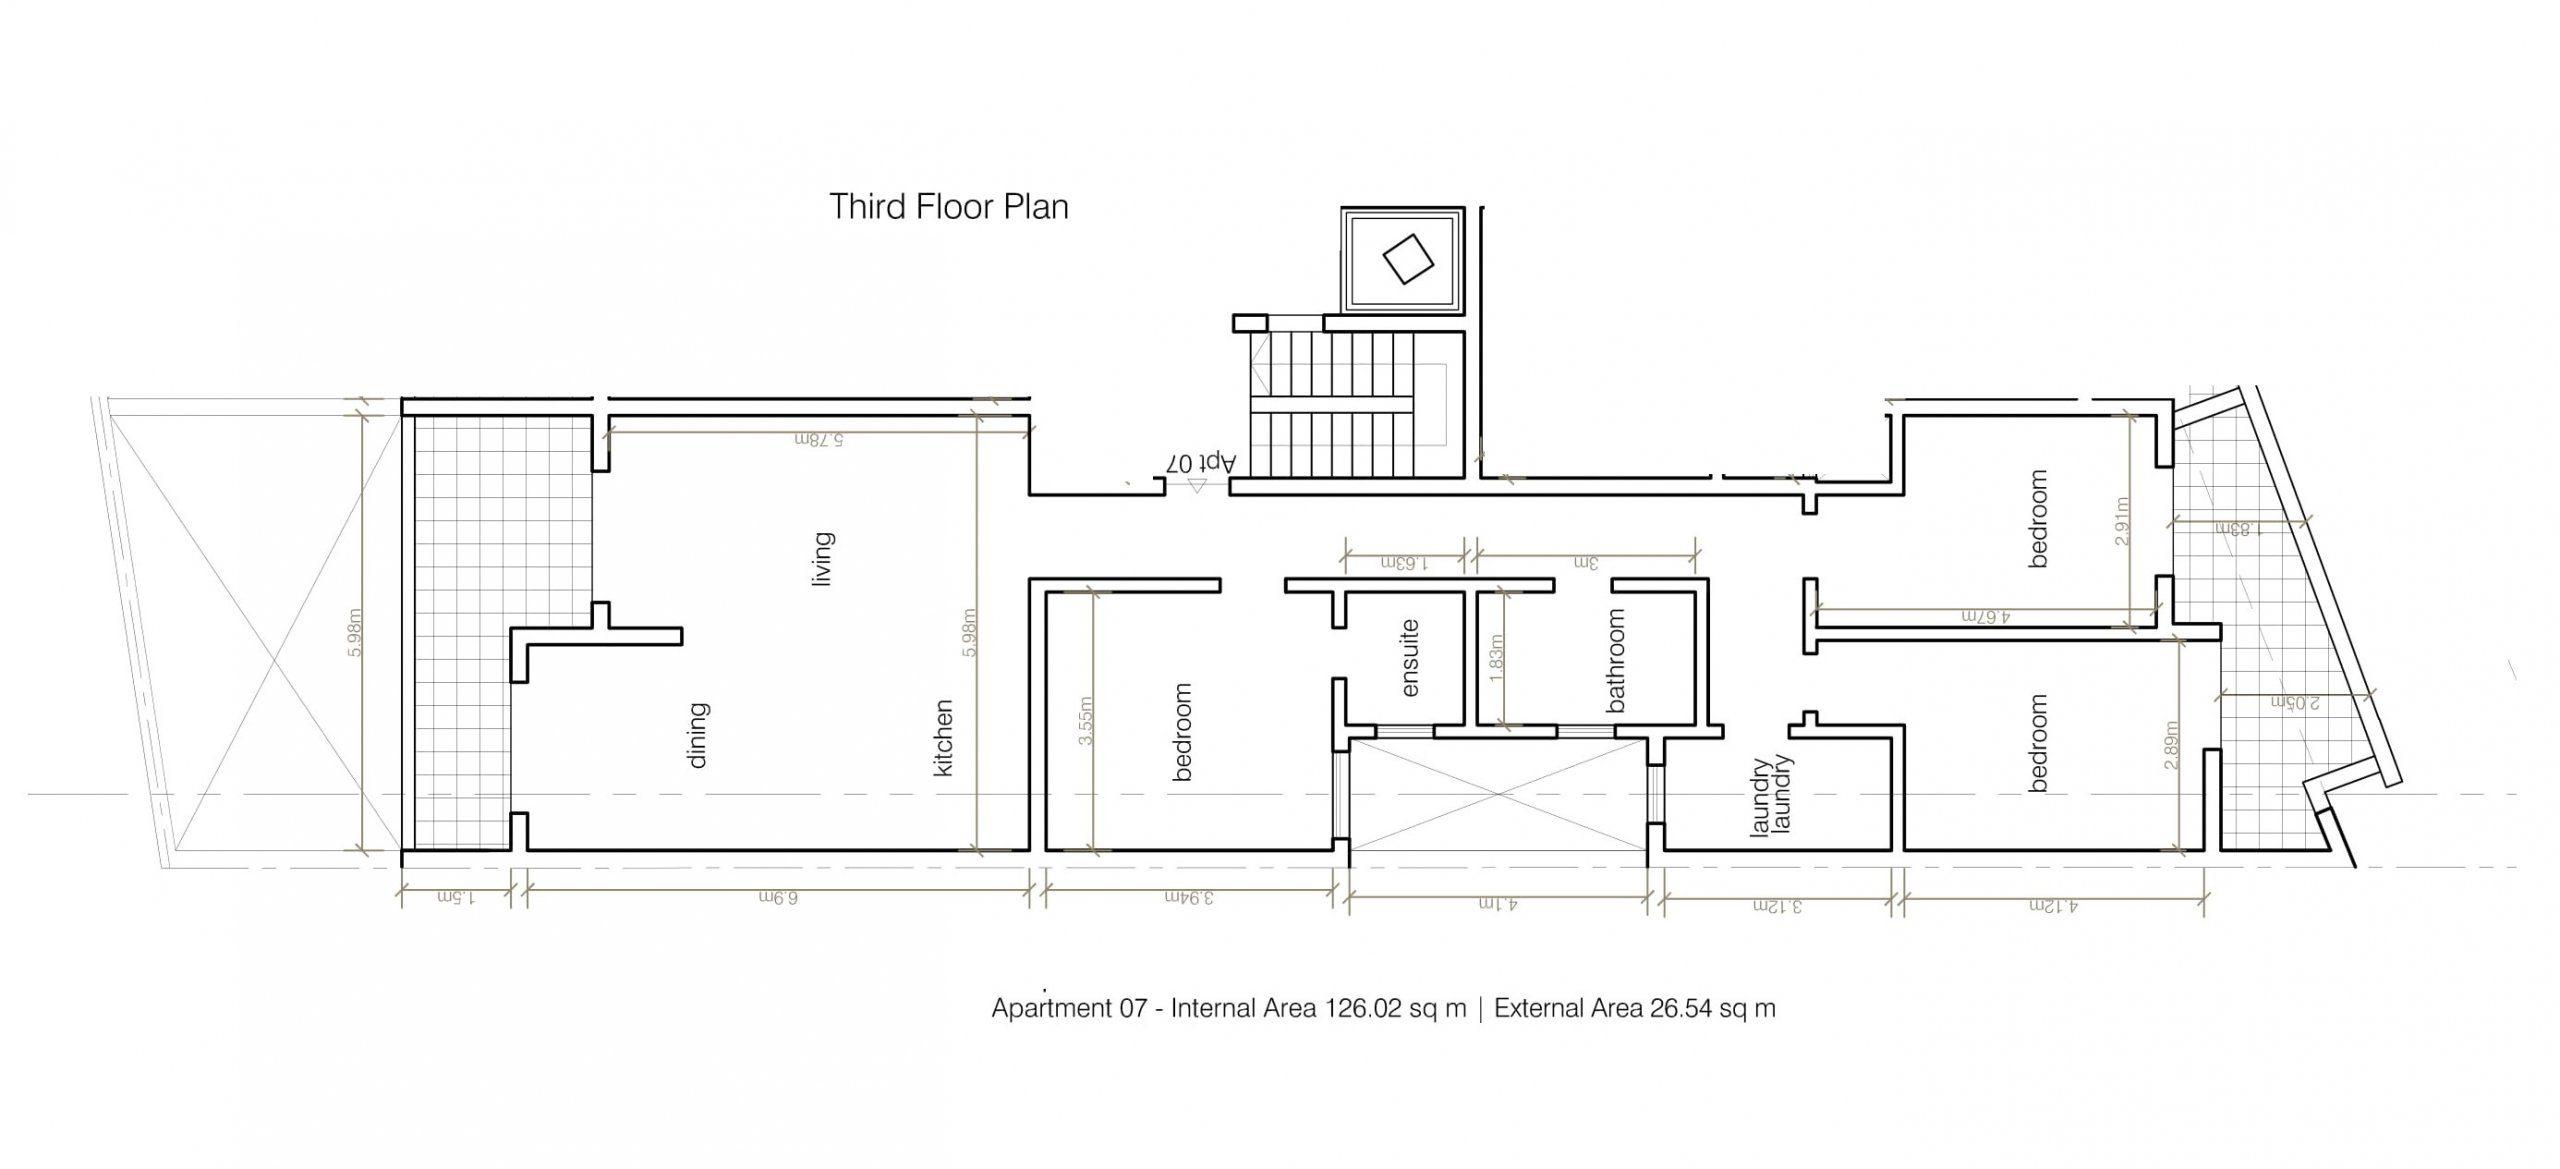 Third Floor No.7